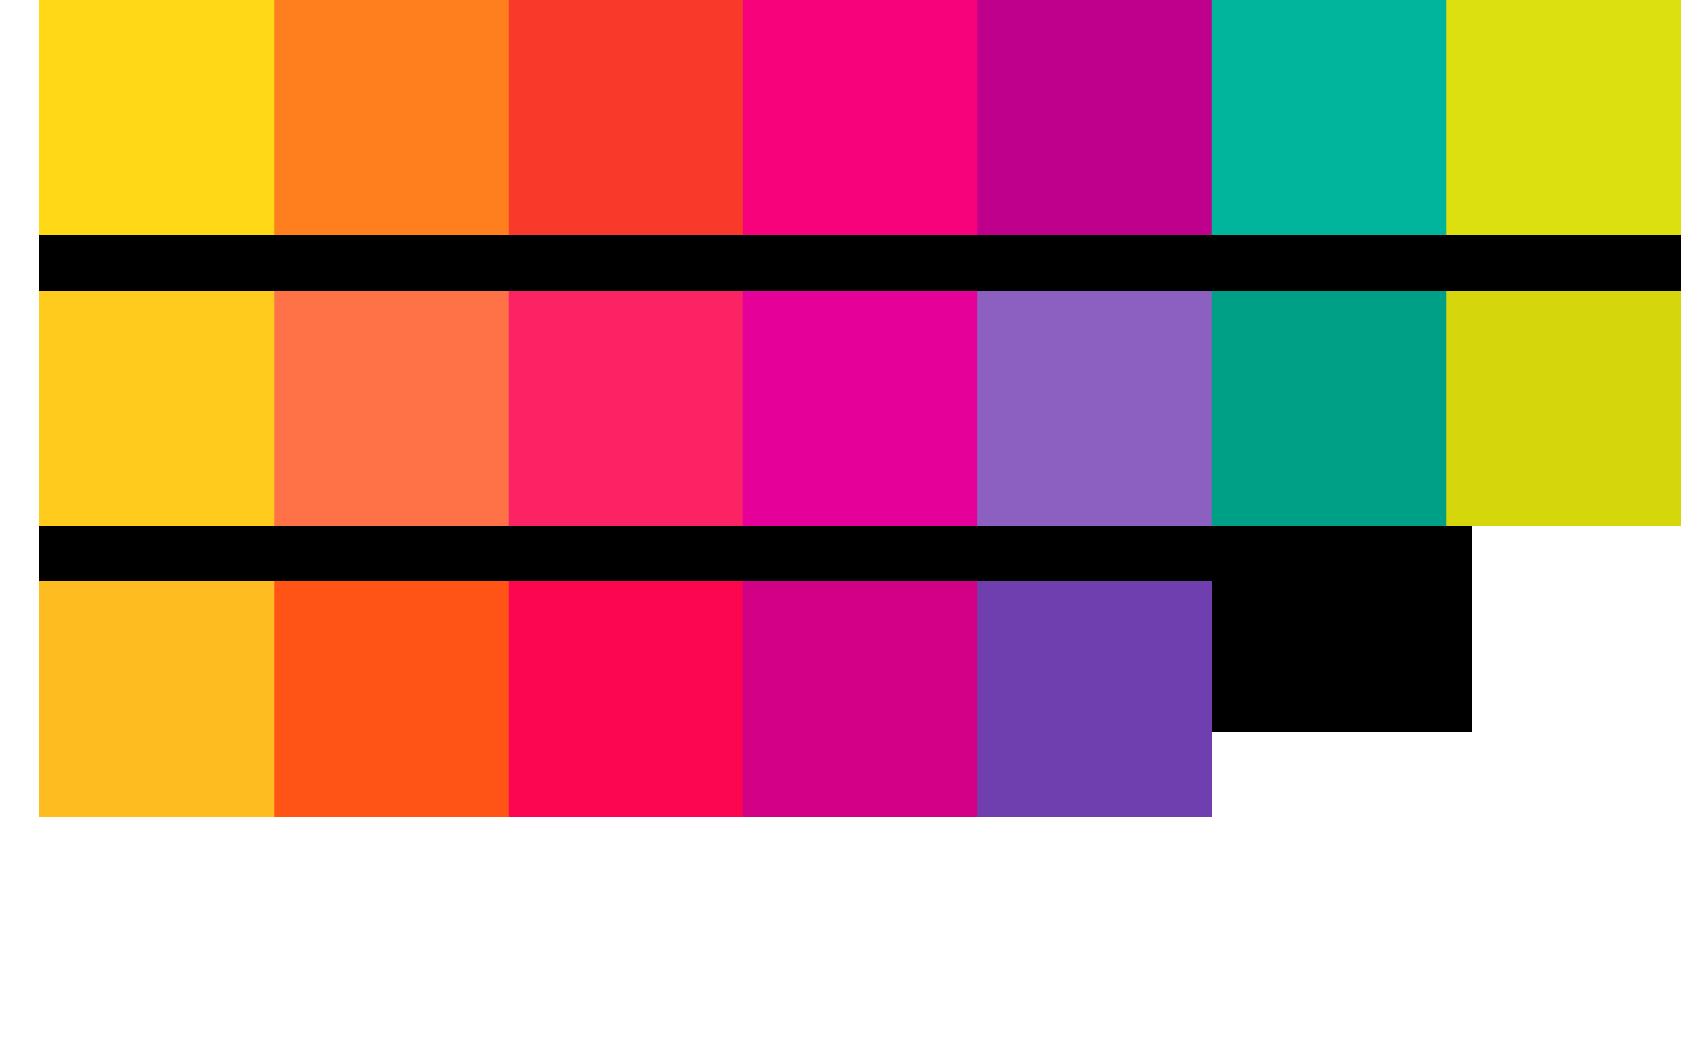 fluor kleuren  Google zoeken  fluo  Kleuren